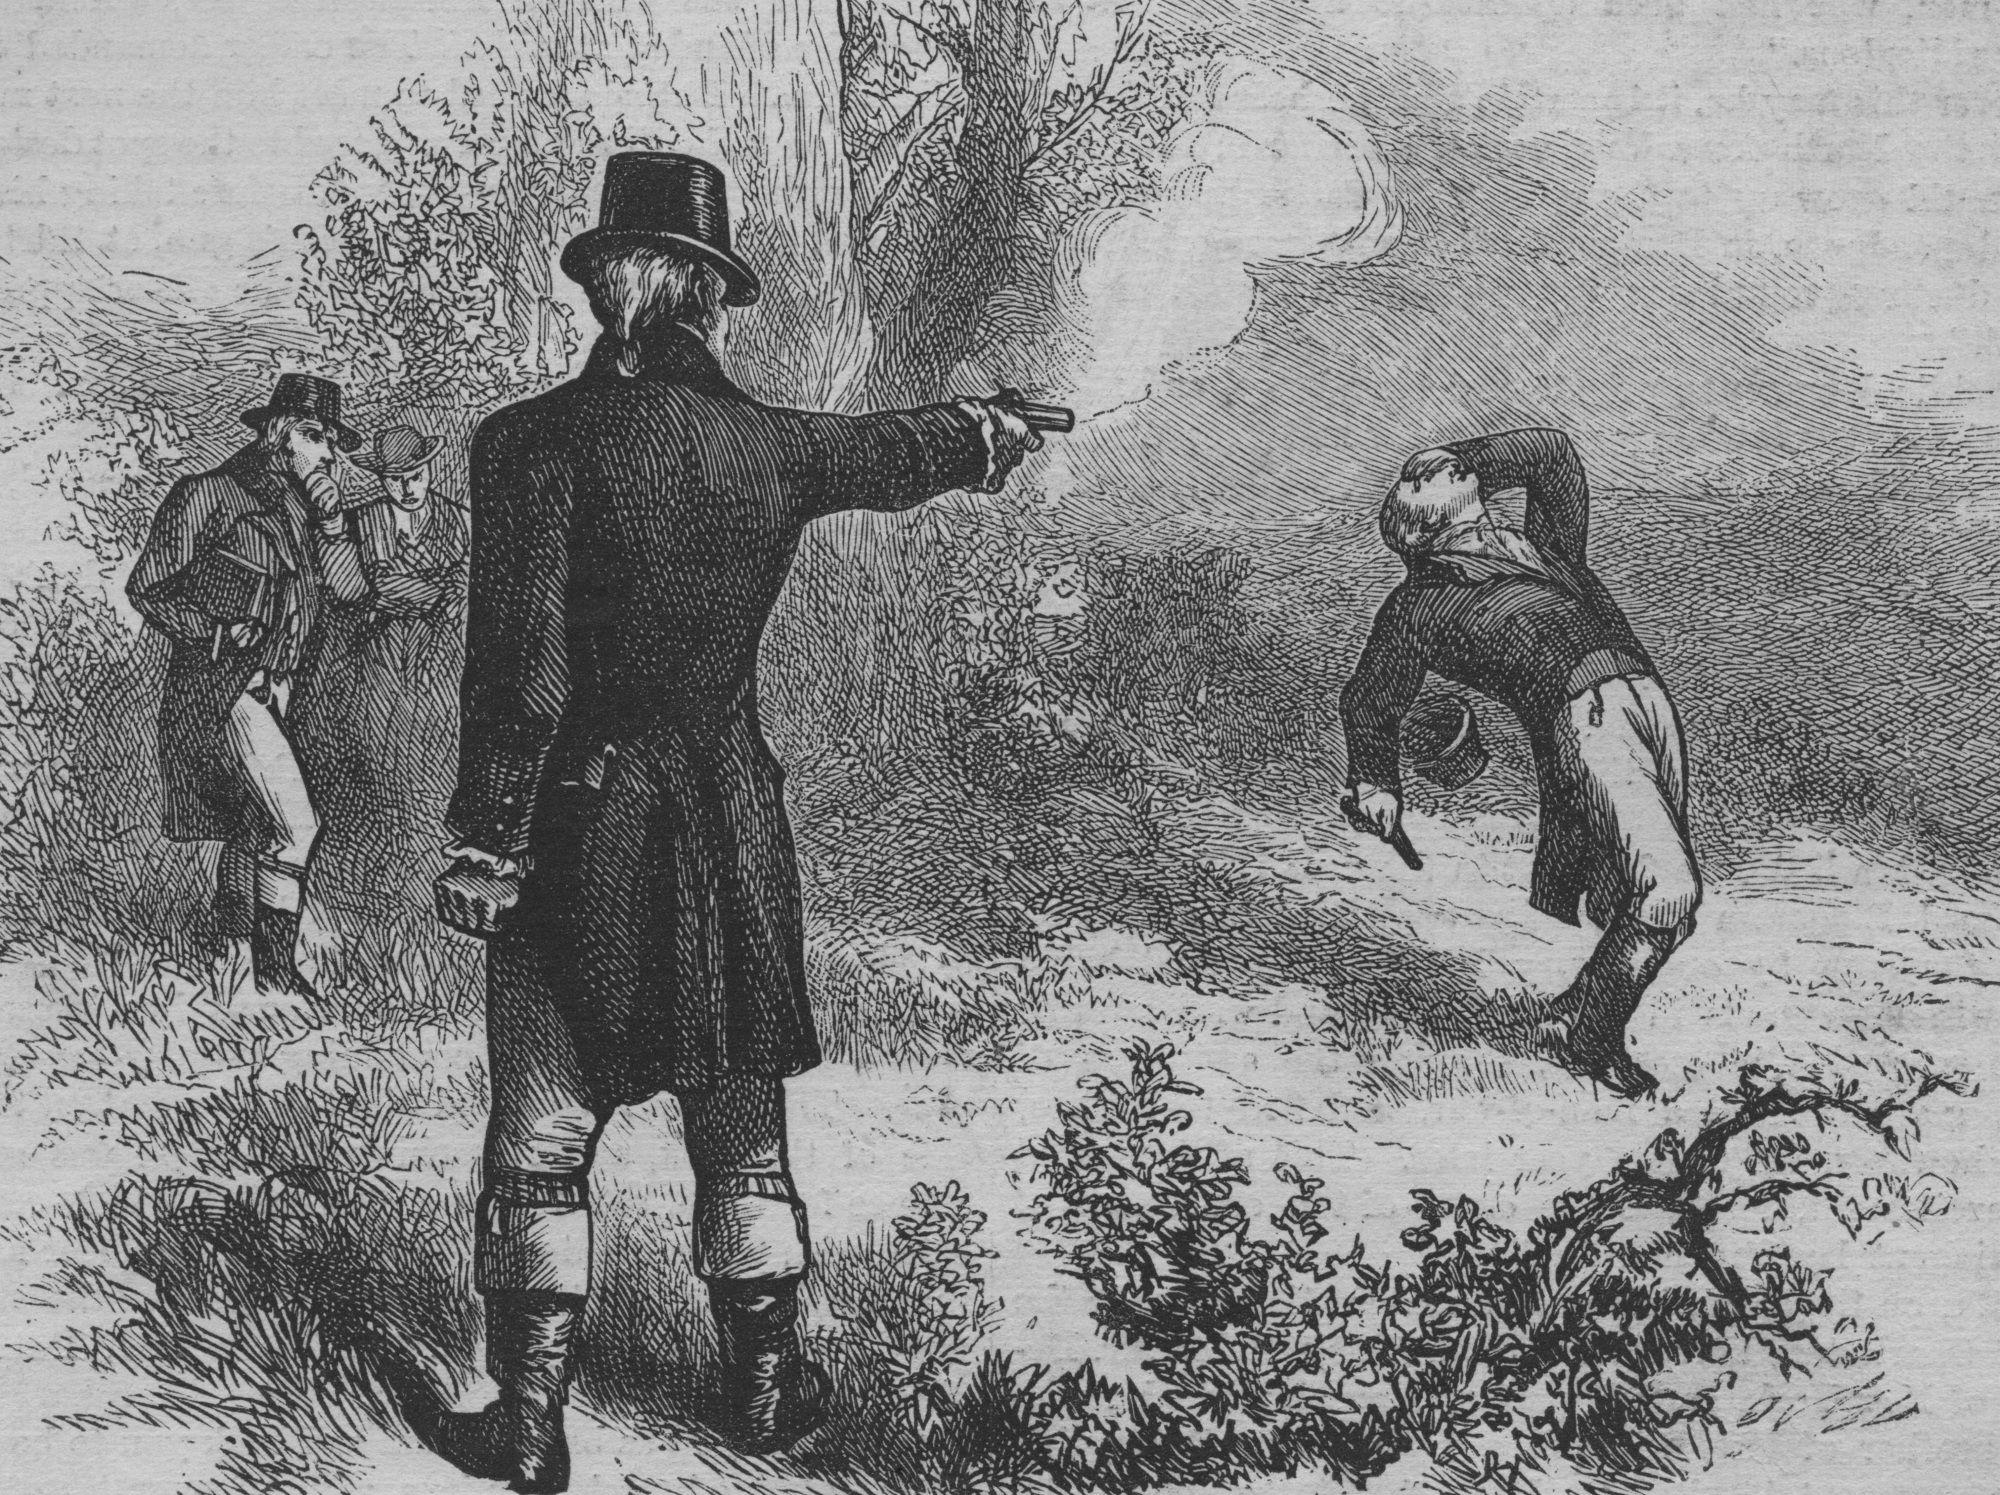 Illustration des Burr-Hamilton-Duells